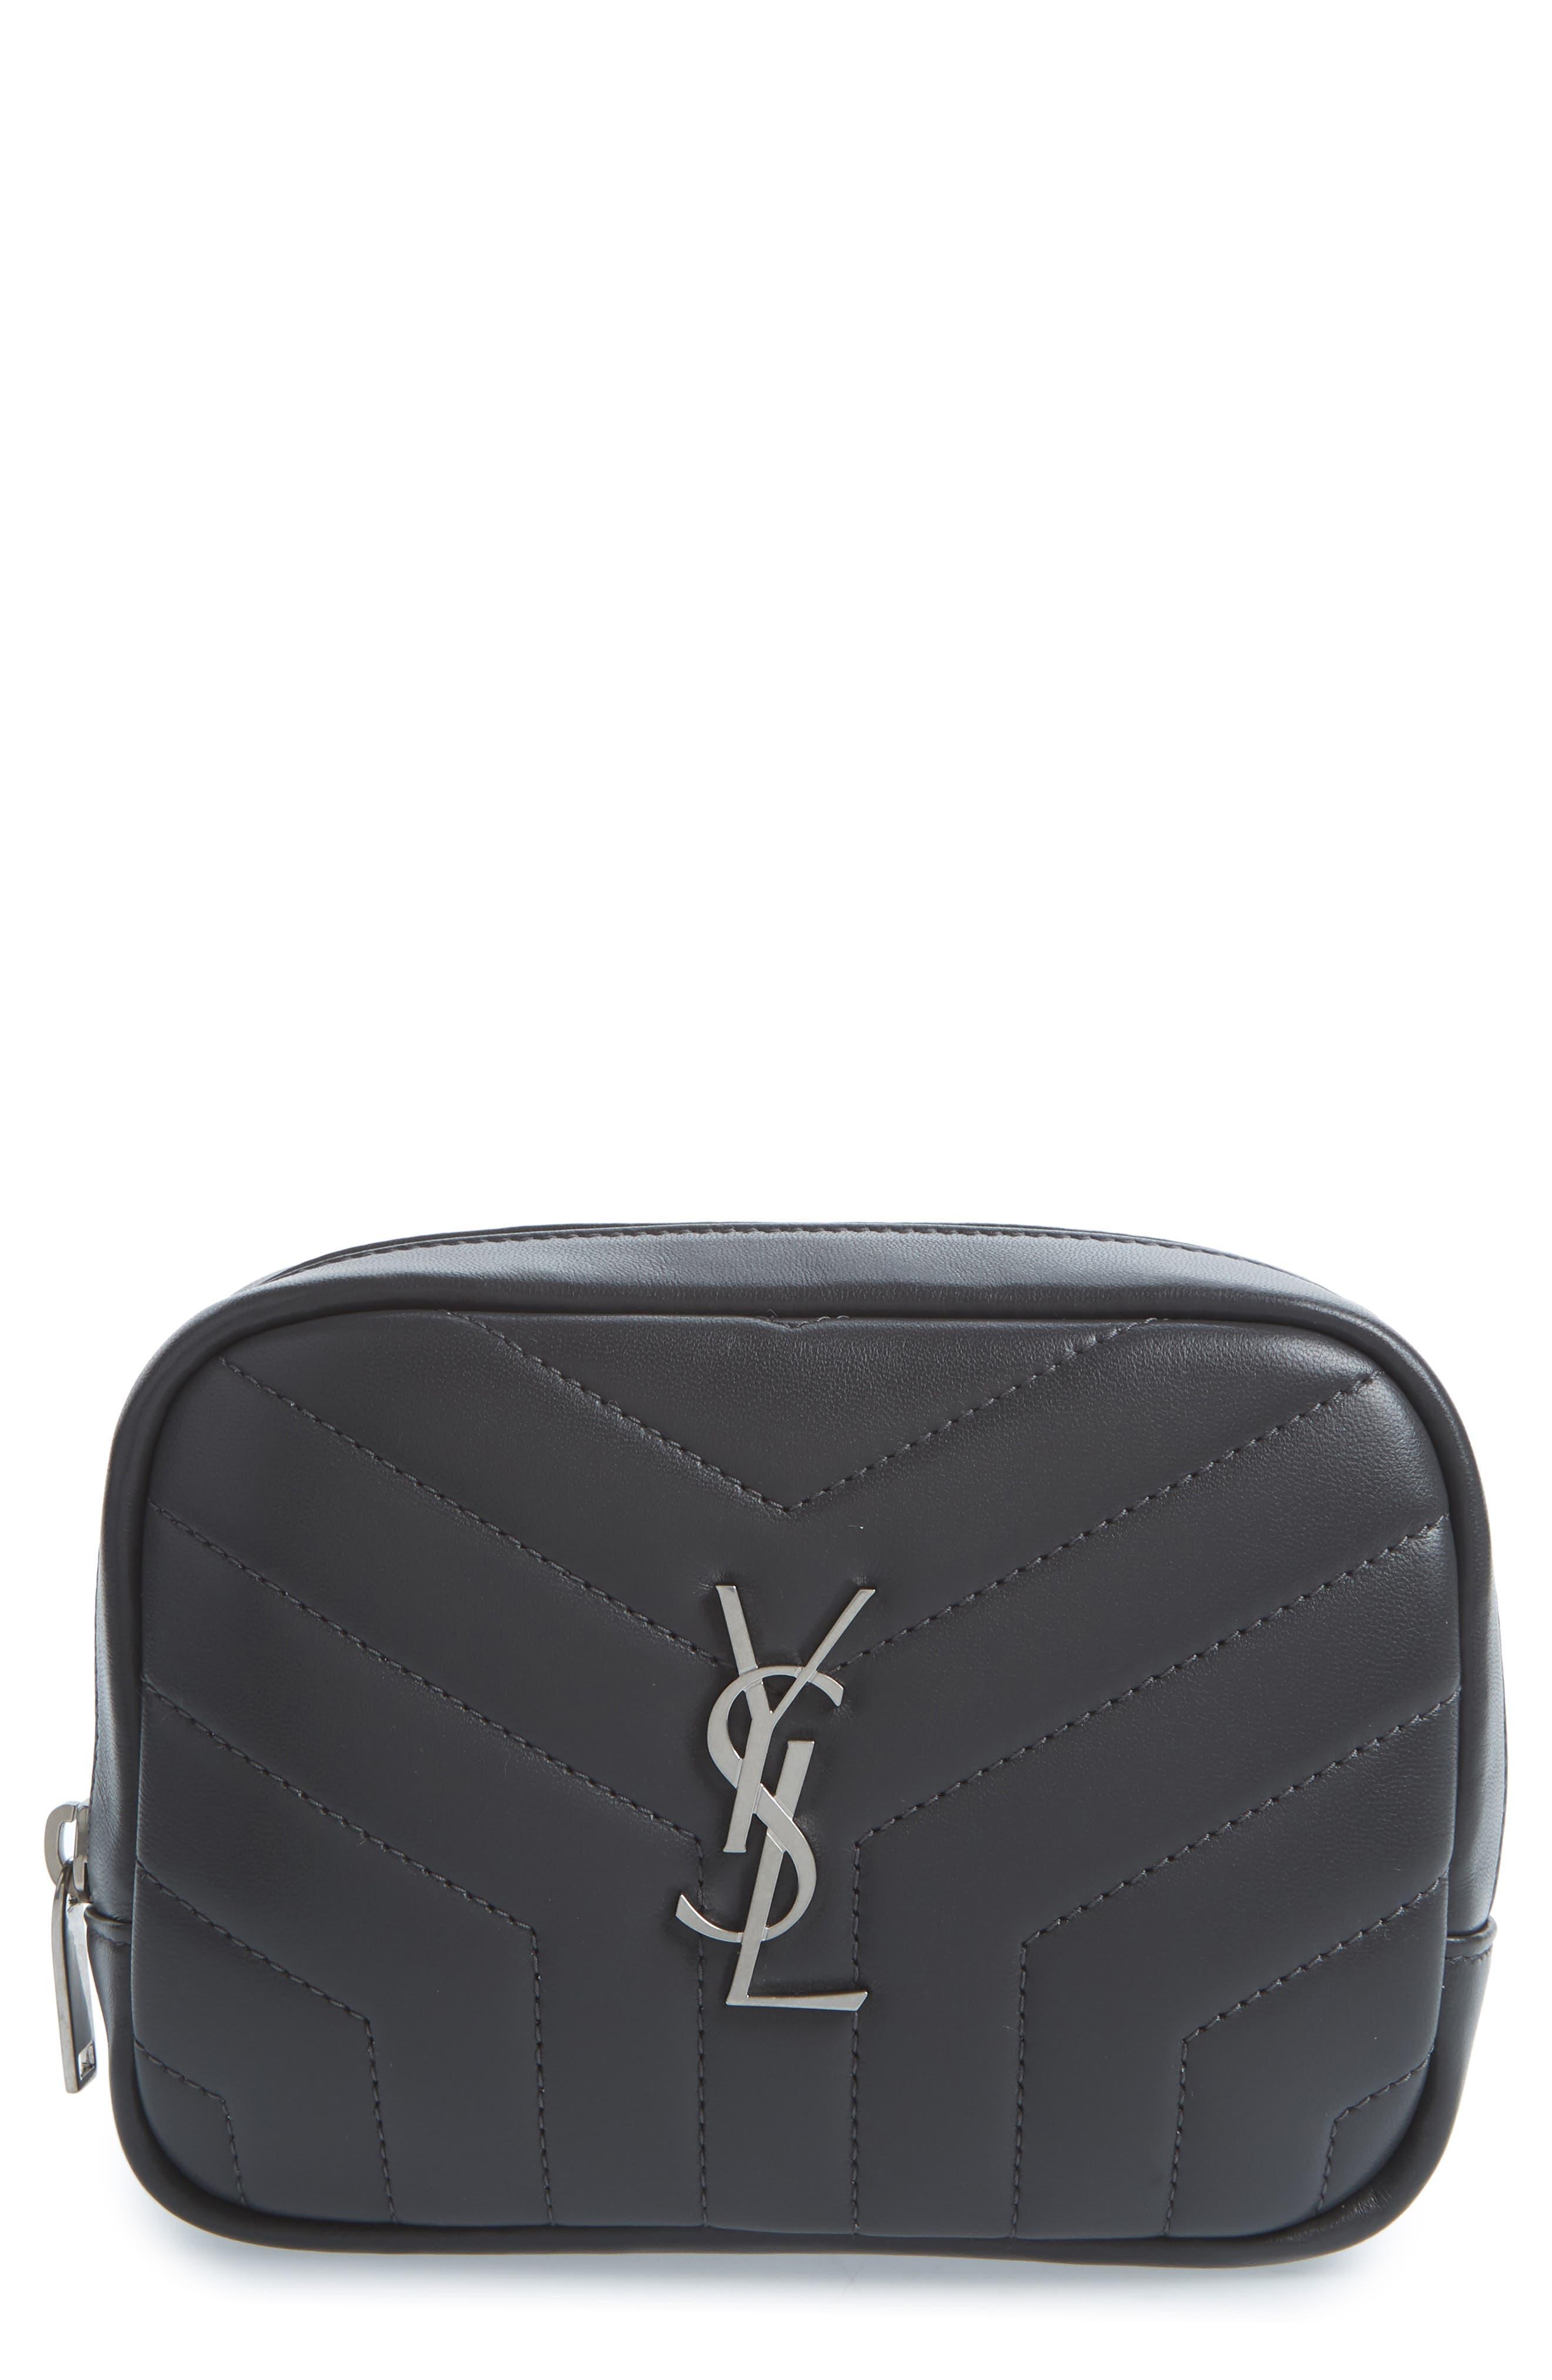 Loulou Matelassé Leather Cosmetics Bag,                             Main thumbnail 1, color,                             Storm